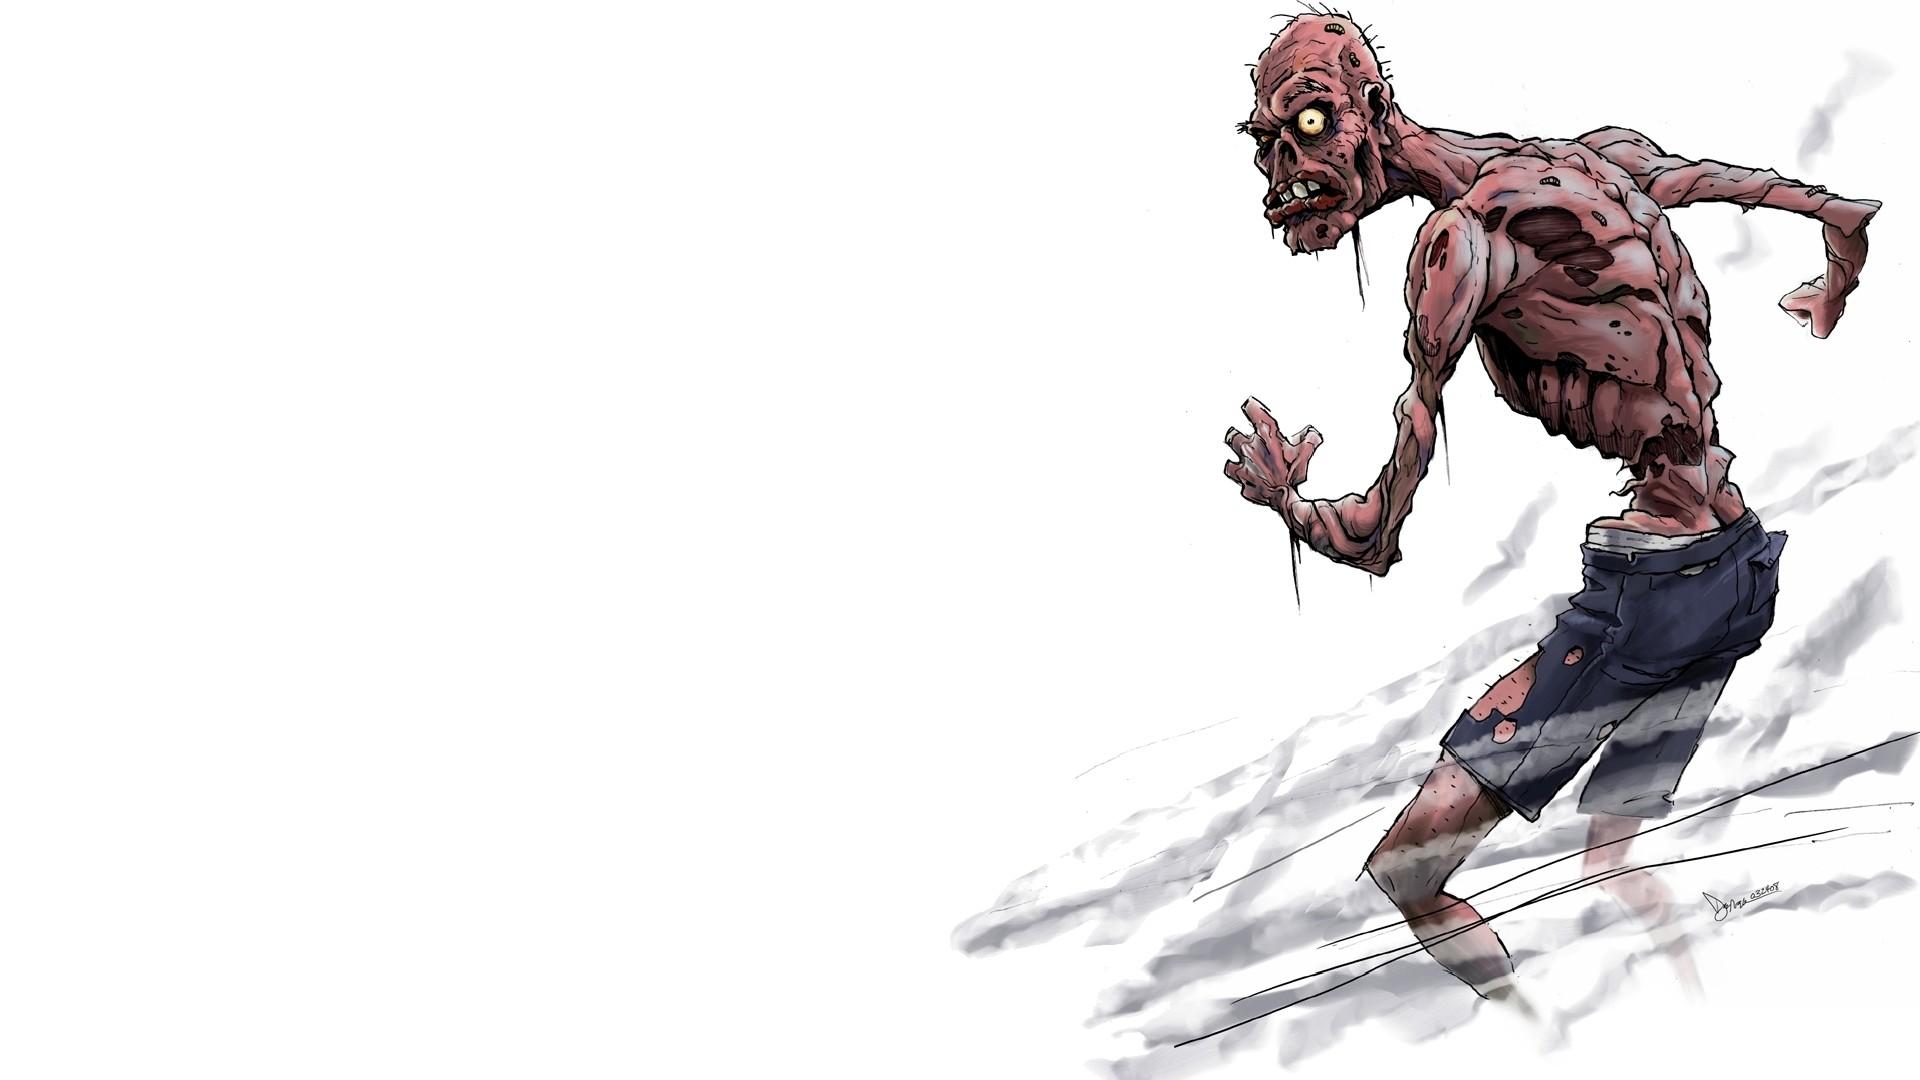 живые обои на рабочий стол зомби на белом фоне № 180047  скачать